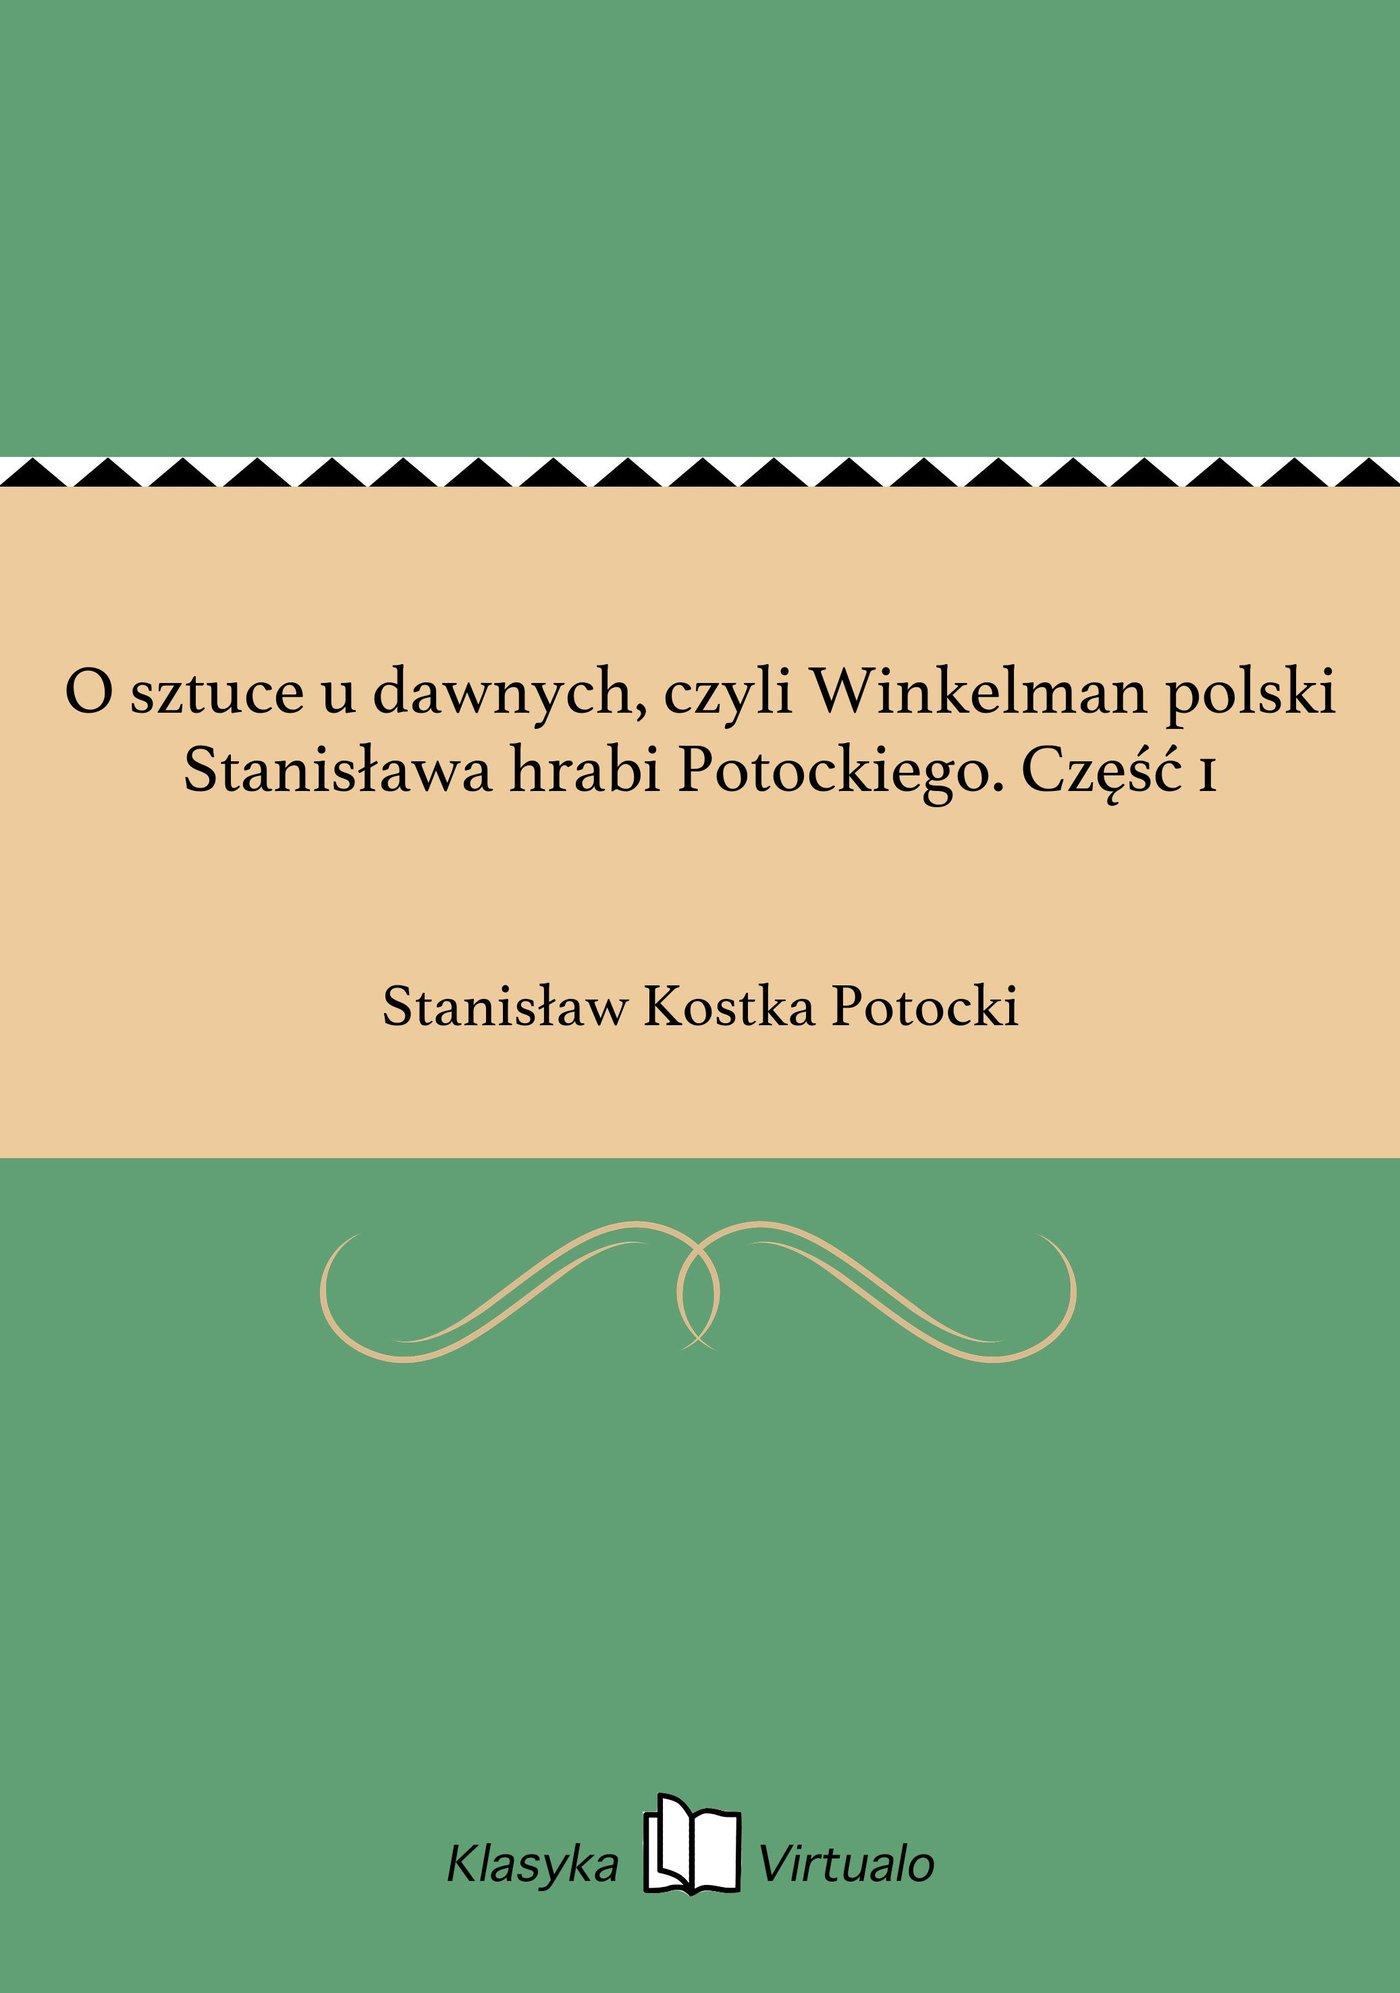 O sztuce u dawnych, czyli Winkelman polski Stanisława hrabi Potockiego. Część 1 - Ebook (Książka EPUB) do pobrania w formacie EPUB